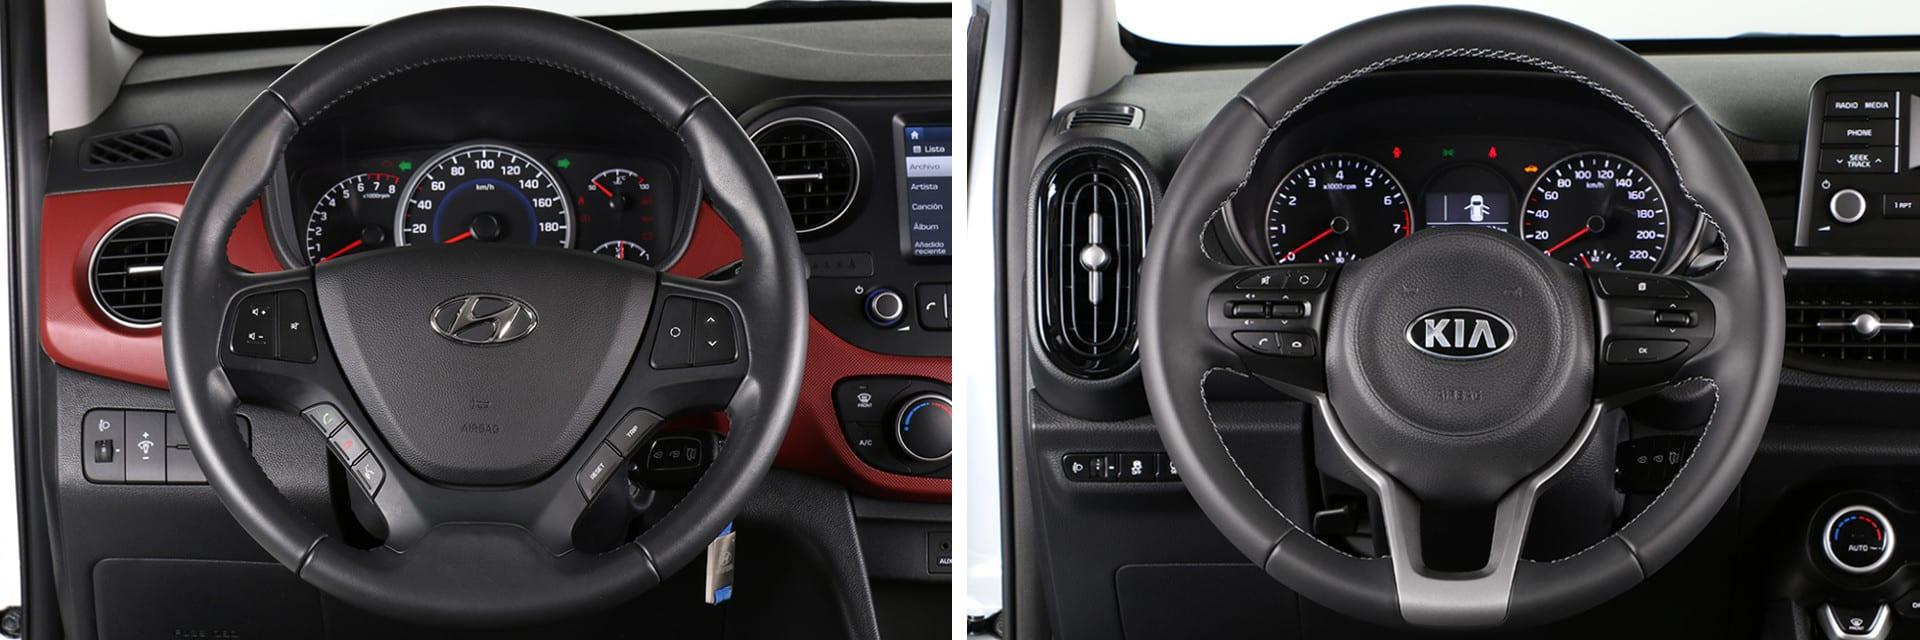 En ambos vehículos se llega bien a todos los mandos desde el puesto de conducción y no resulta complicado encontrar la postura adecuada.